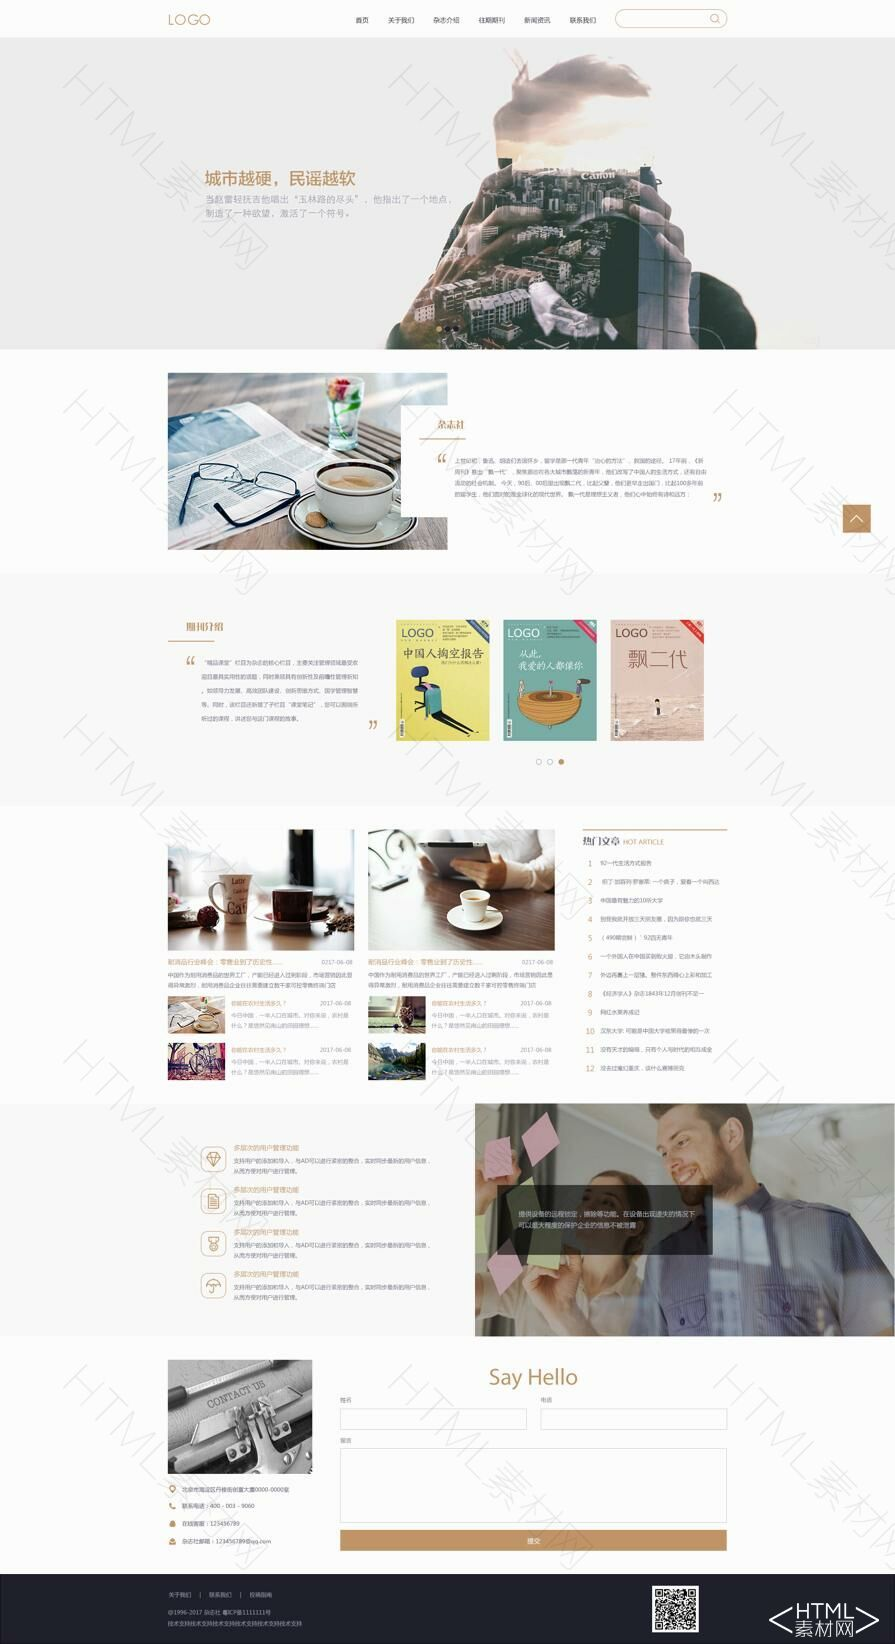 简洁大气的杂志社出版公司网站设计psd模板.jpg